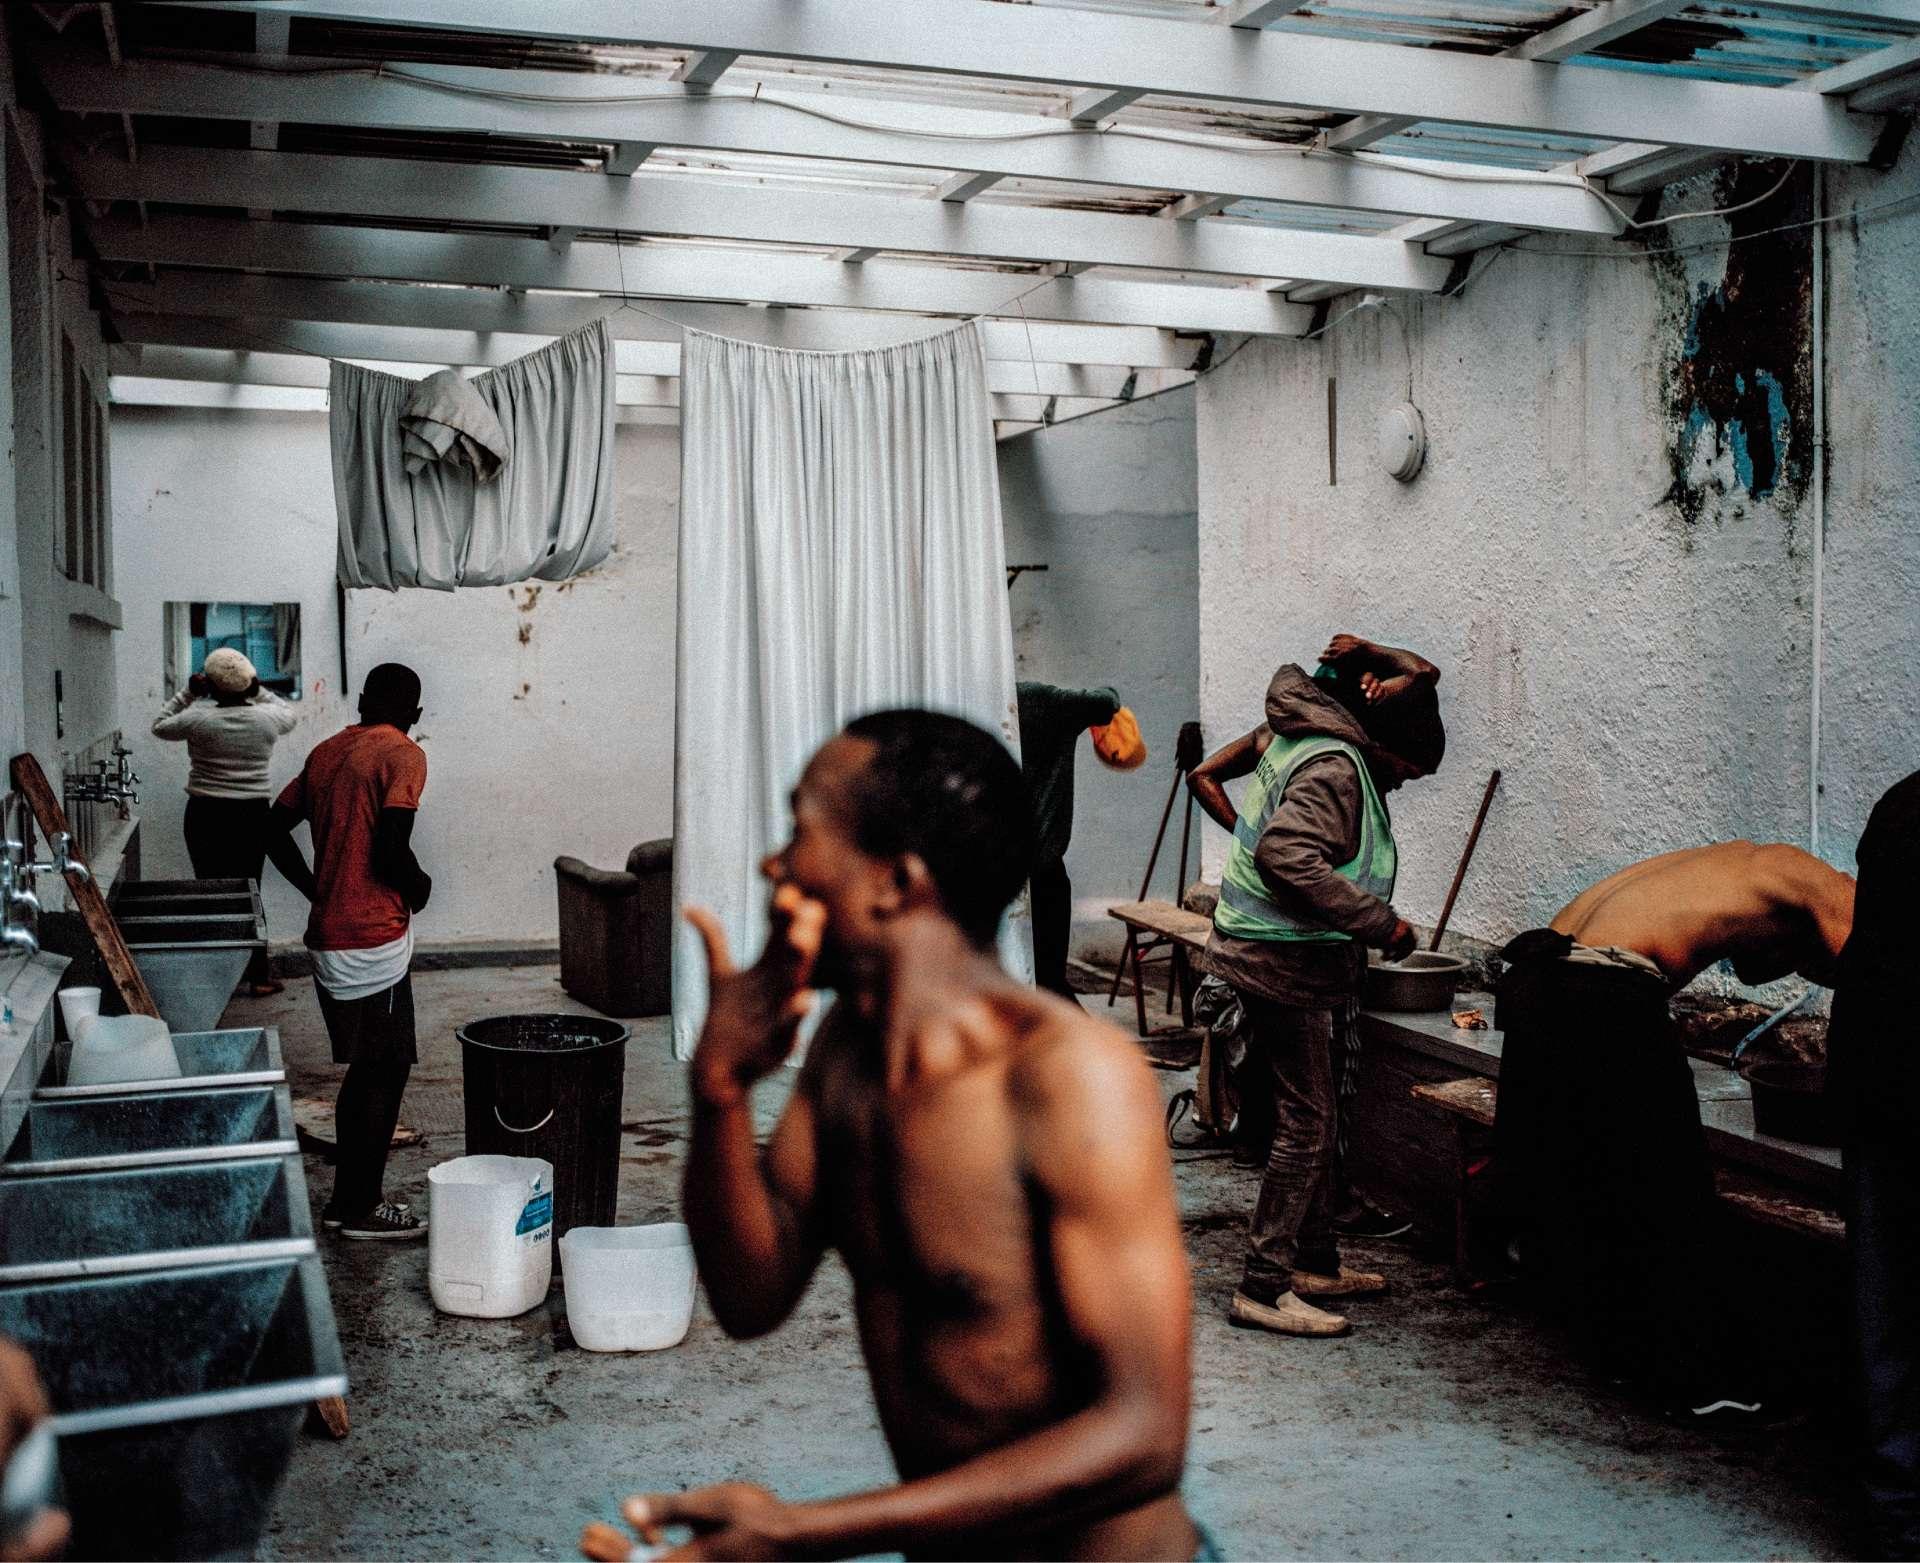 « Bains publics improvisés dans la boutique d'un charpentier, Le Cap, Afrique du Sud, 2018.» L'accès à l'eau se raréfiant, un charpentier a créé un coin pour que les personnes sans domicile fixe puissent se rafraîchir.